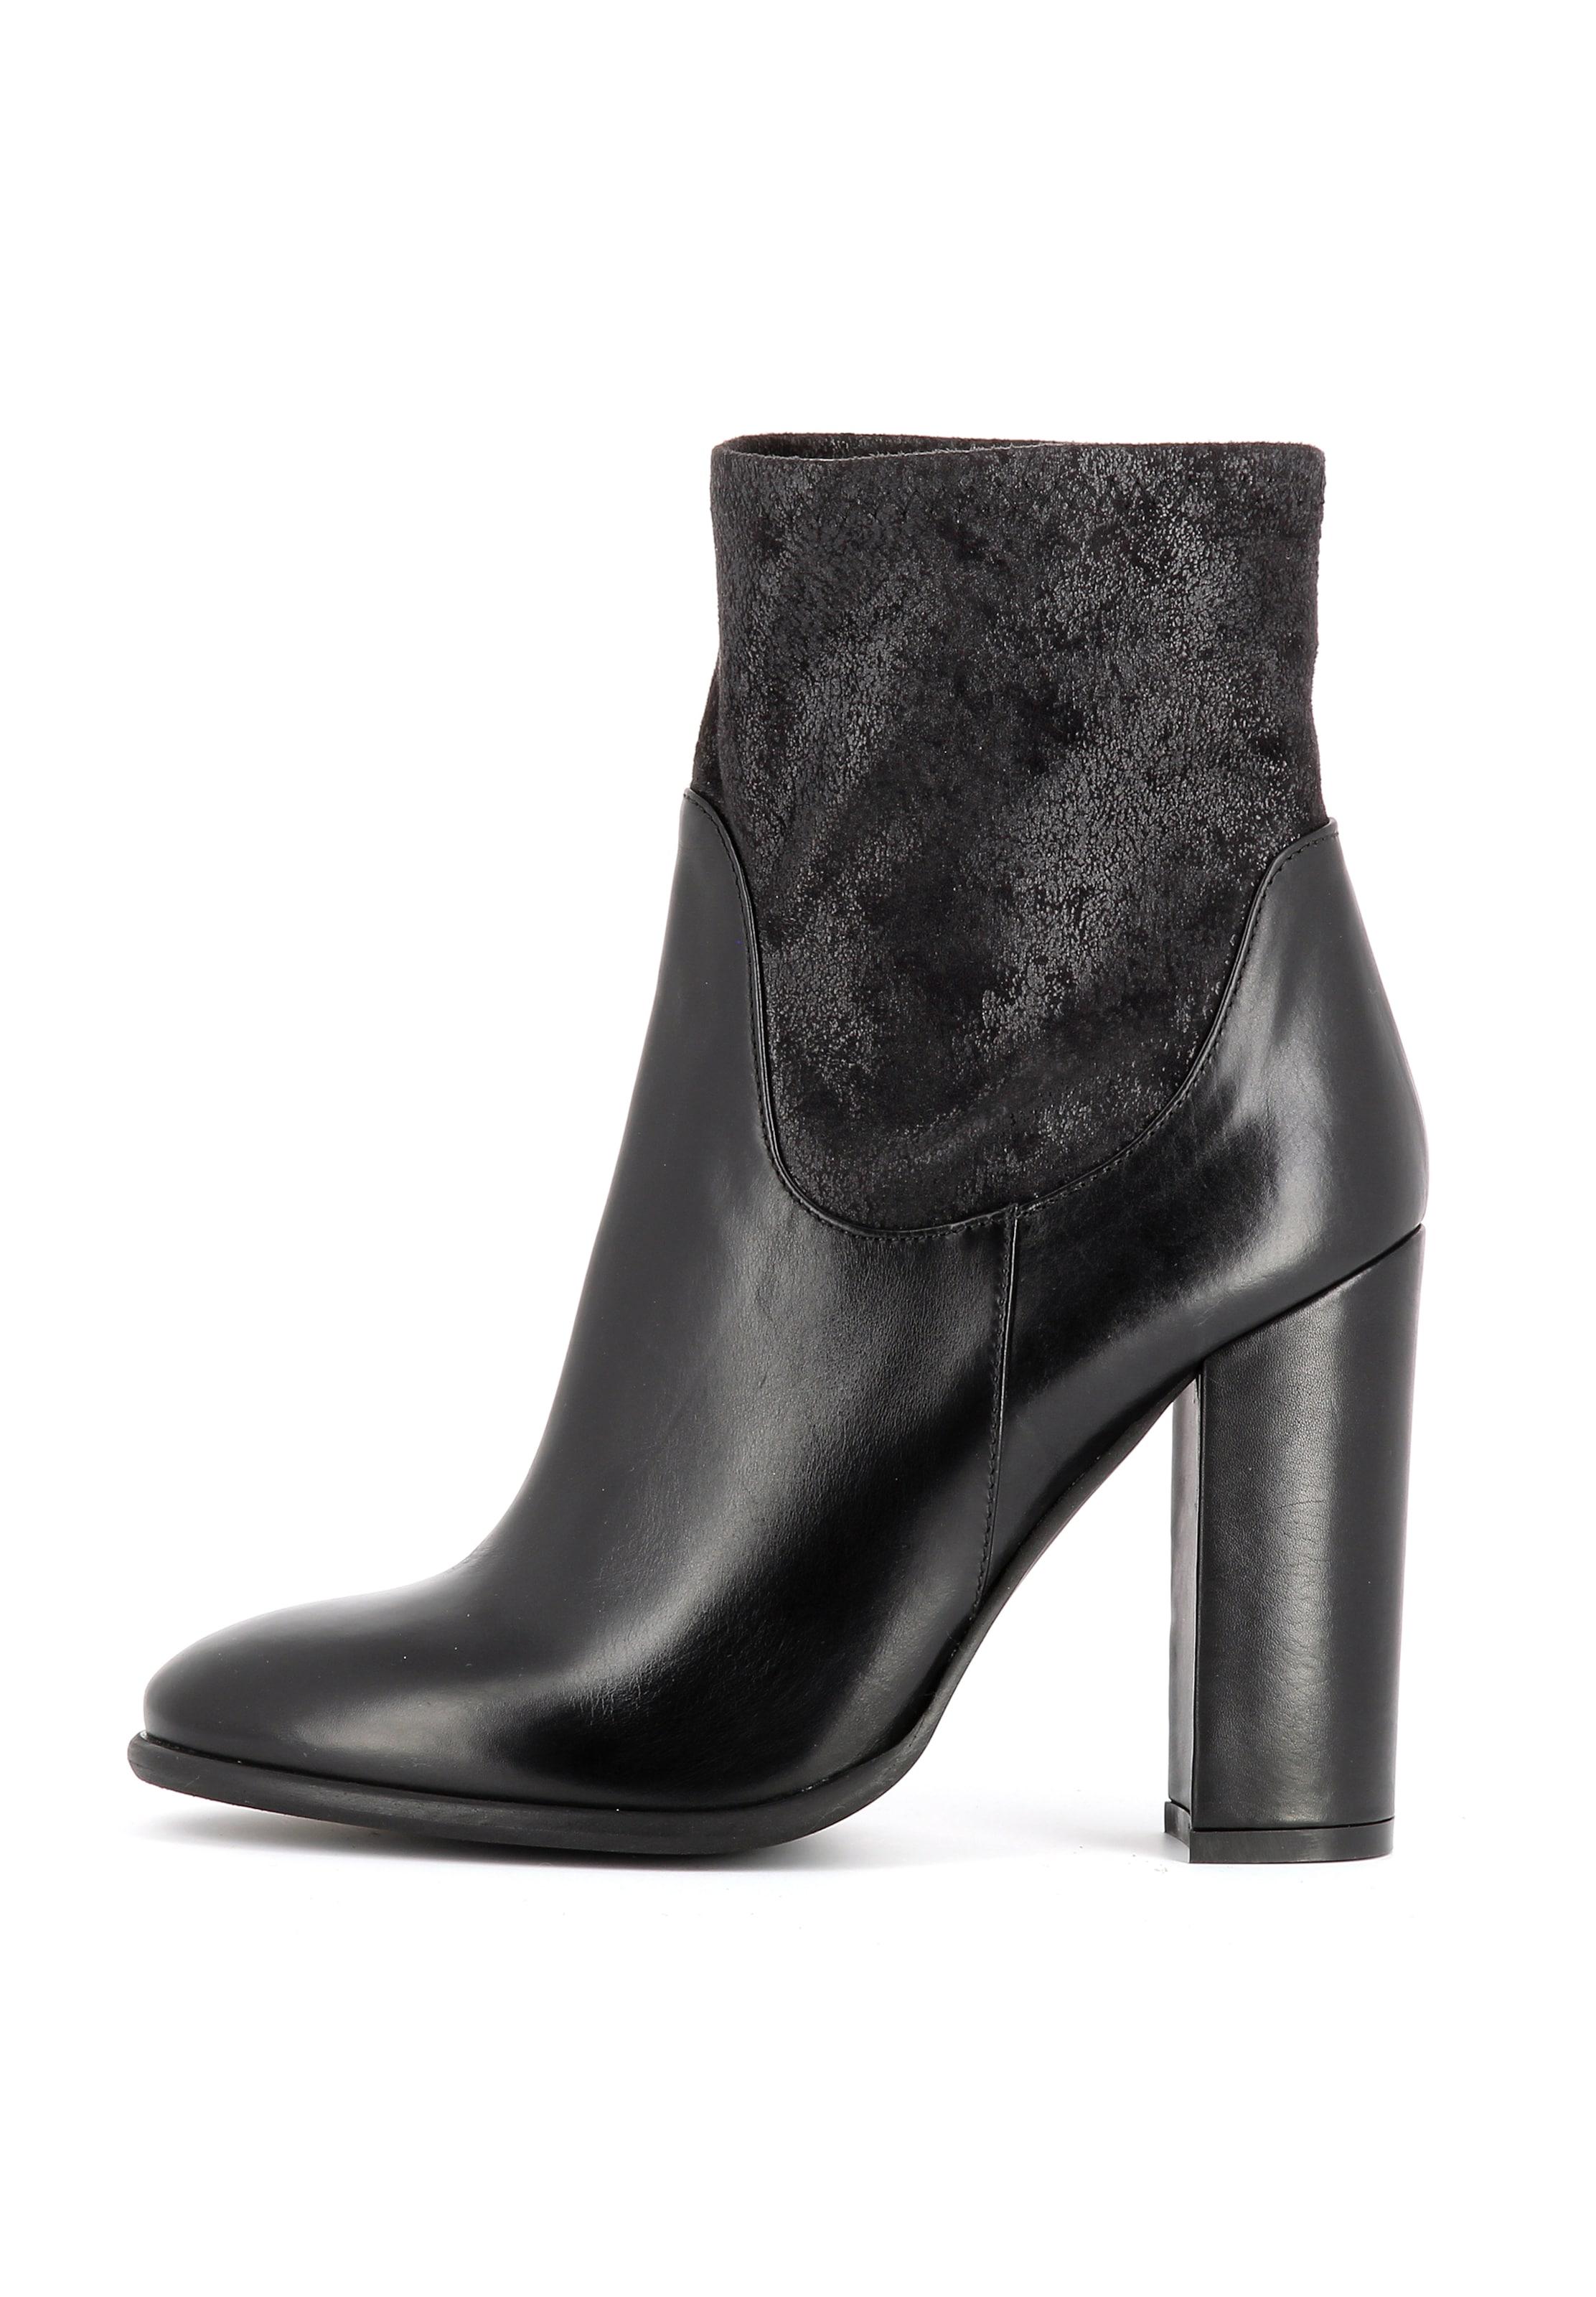 EVITA Damen Stiefelette Ebay Verkauf Online Für Billig Zu Verkaufen Sammlungen Online-Verkauf jhc6sM0